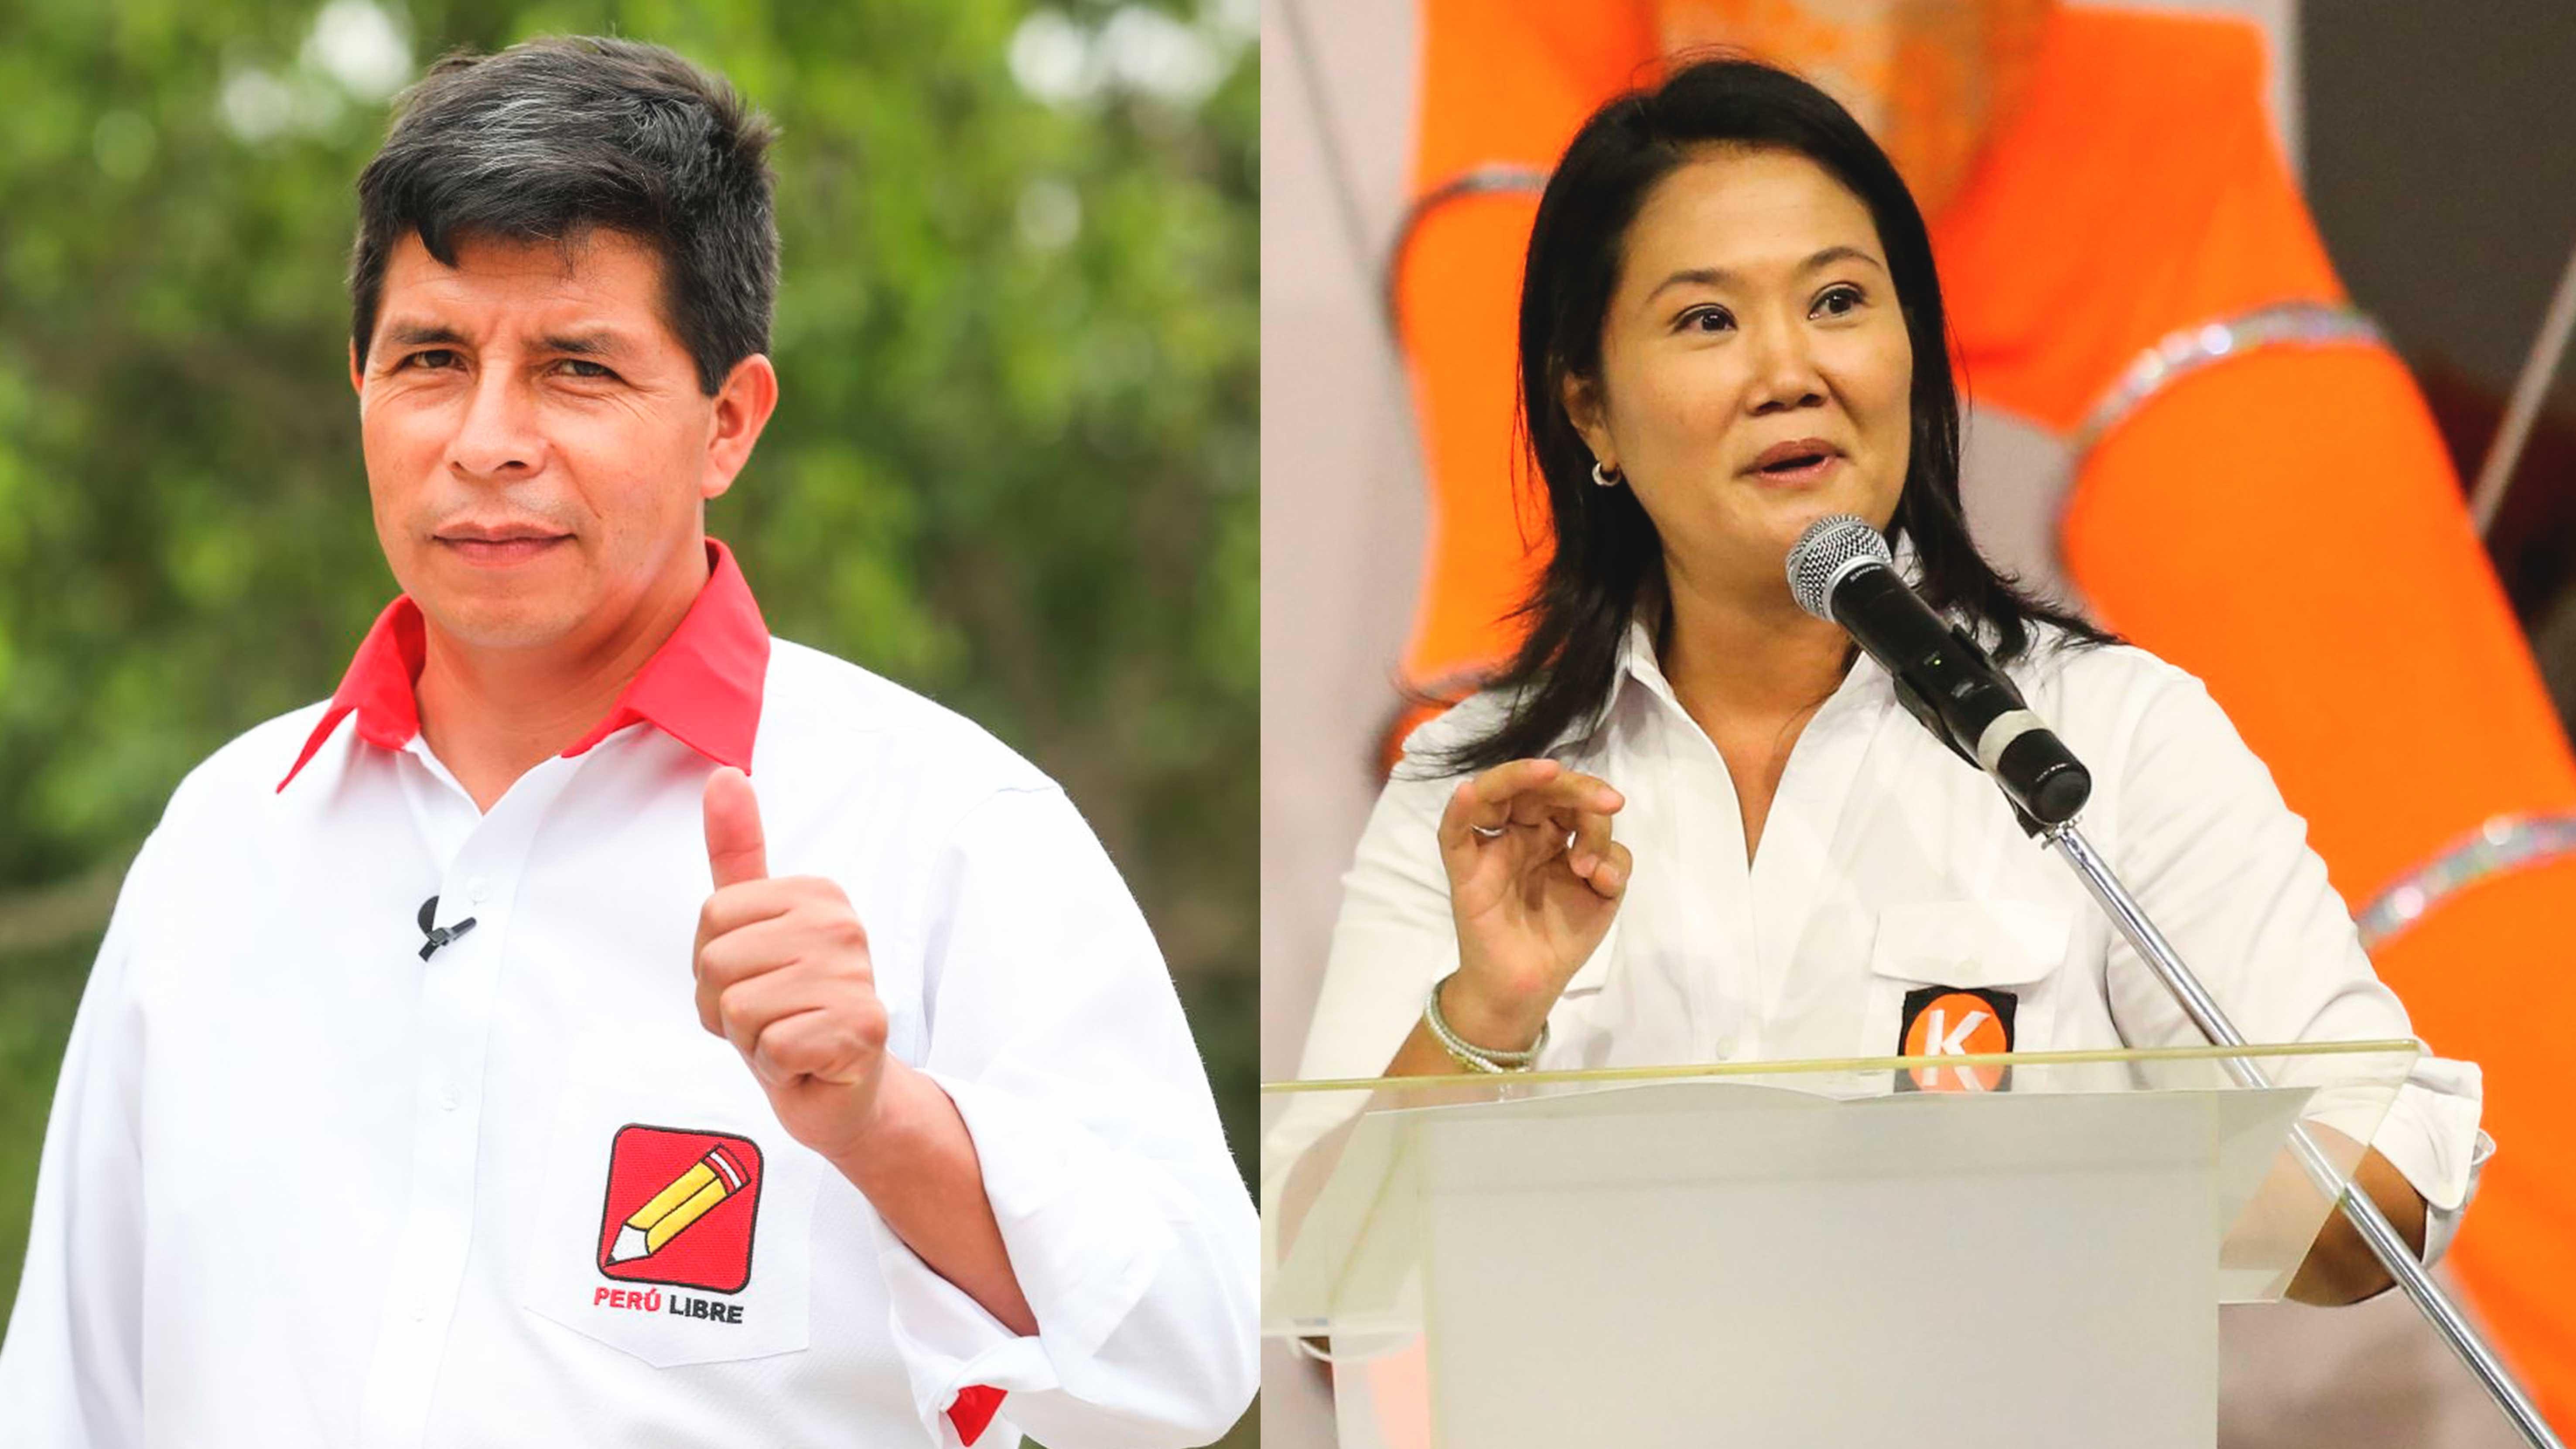 elecciones-2021-la-costa-central-y-el-oriente-inclinaran-la-balanza-de-la-segunda-vuelta-entre-pedro-castillo-keiko-fujimori